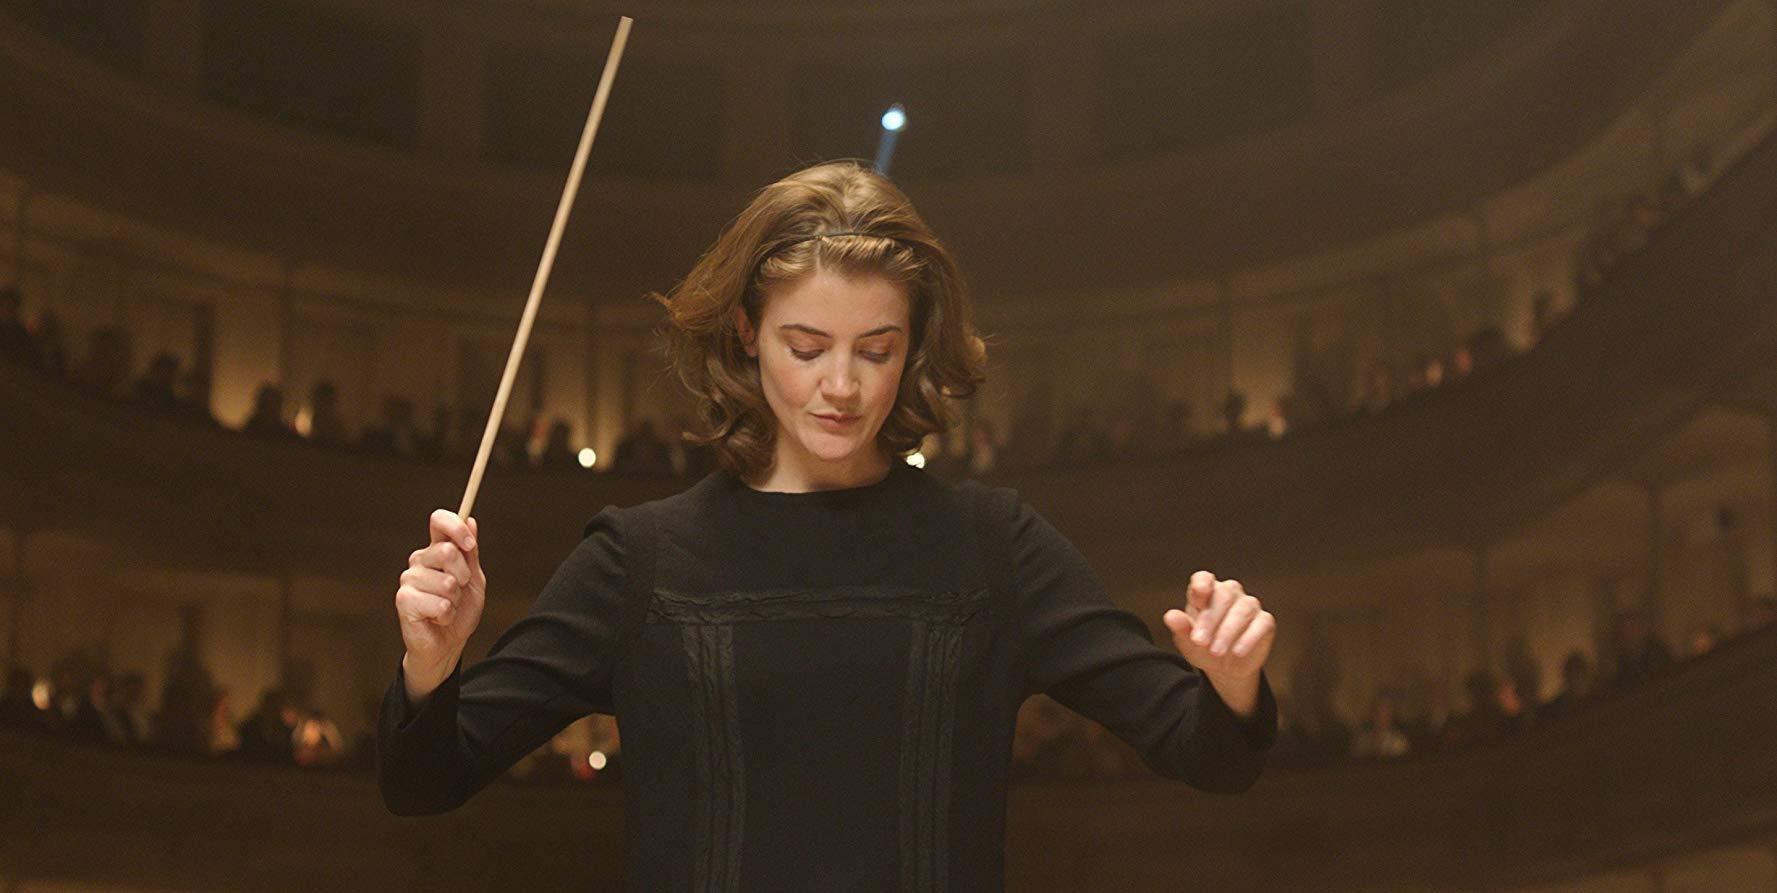 'La directora de orquesta', el biopic sobre Antonia Brico dirigido por Maria Peters, es una de las películas incluidas en el programa del 8M en Vigo.